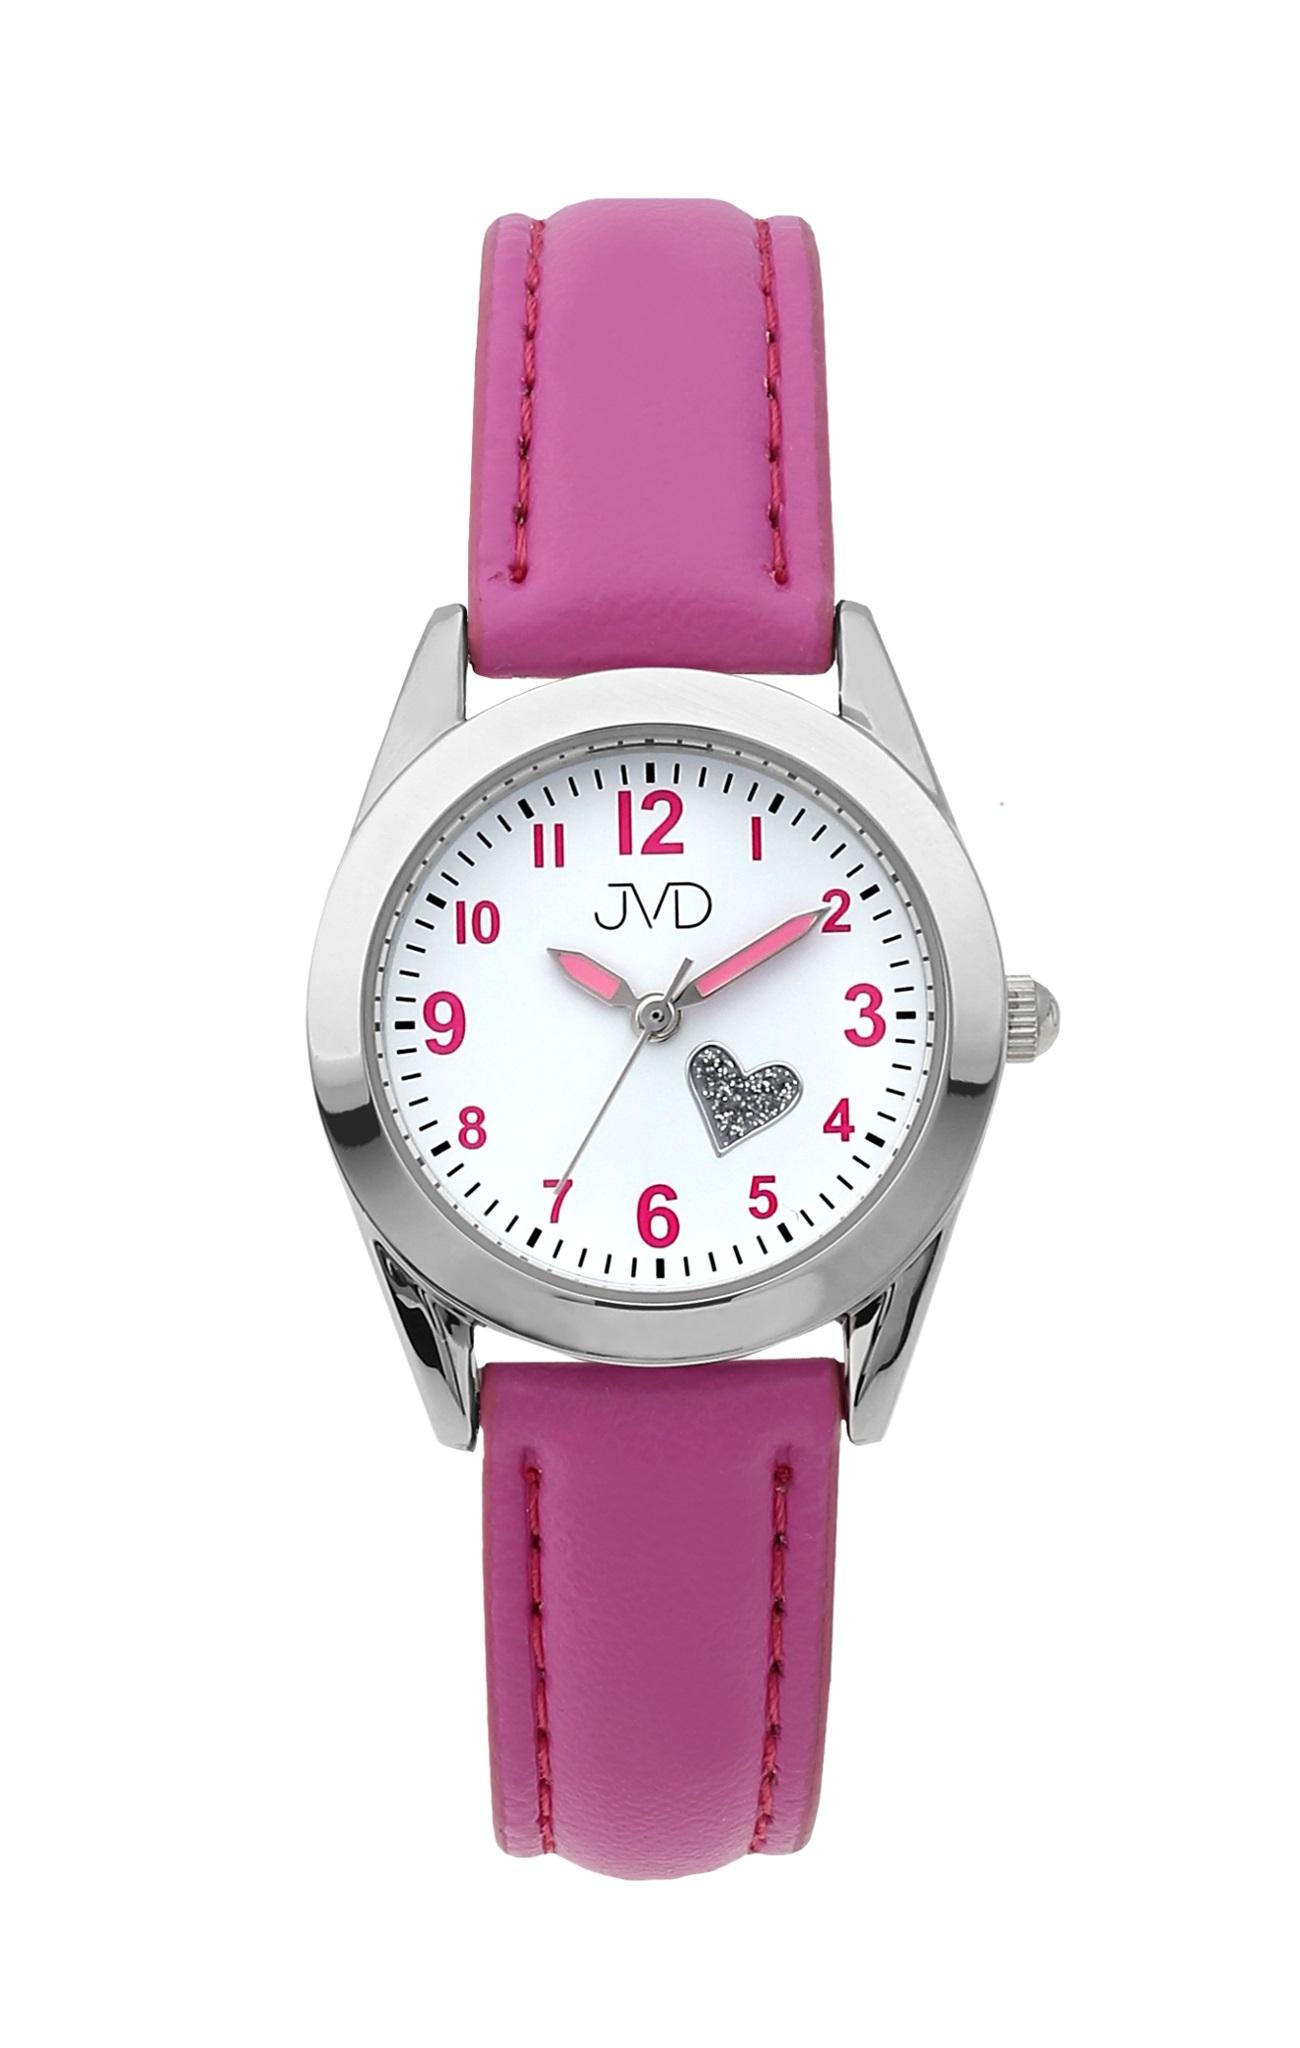 Dětské dívčí náramkové čitelné hodinky JVD J7178.2 se srdíčkem (růžové dívčí hodinky)